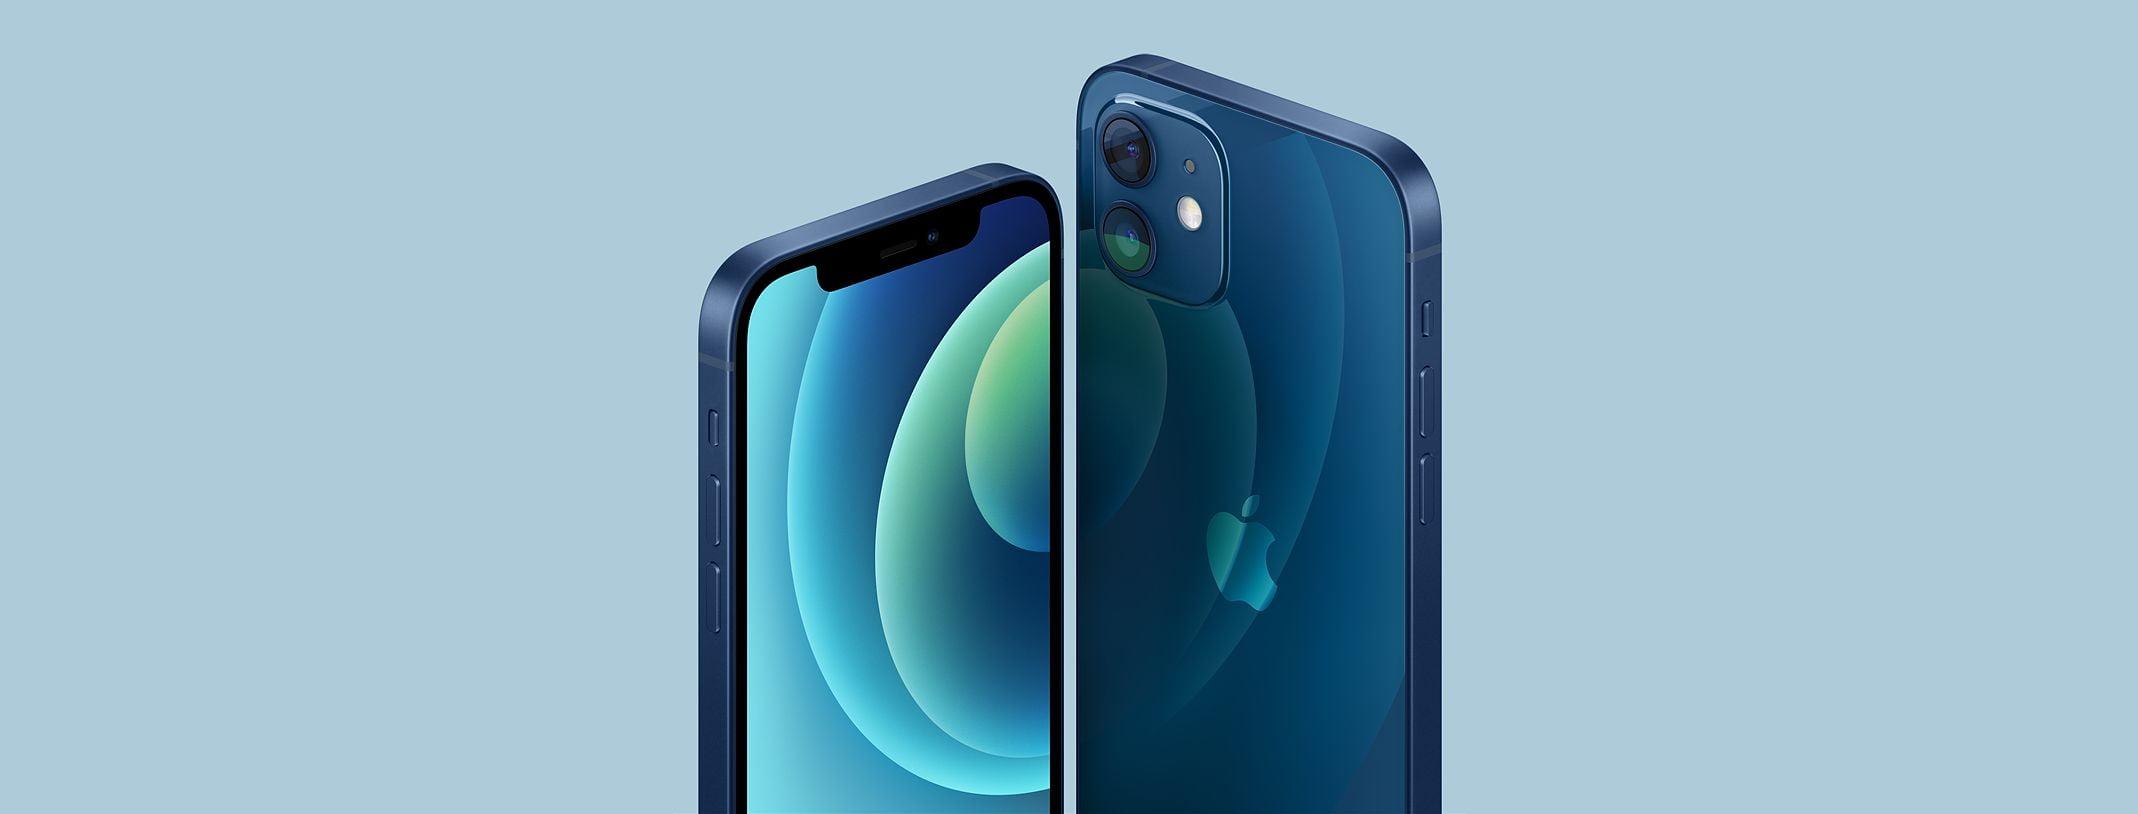 iPhone 12 i 12 Pro bez zasilacza i słuchawek w pudełku!